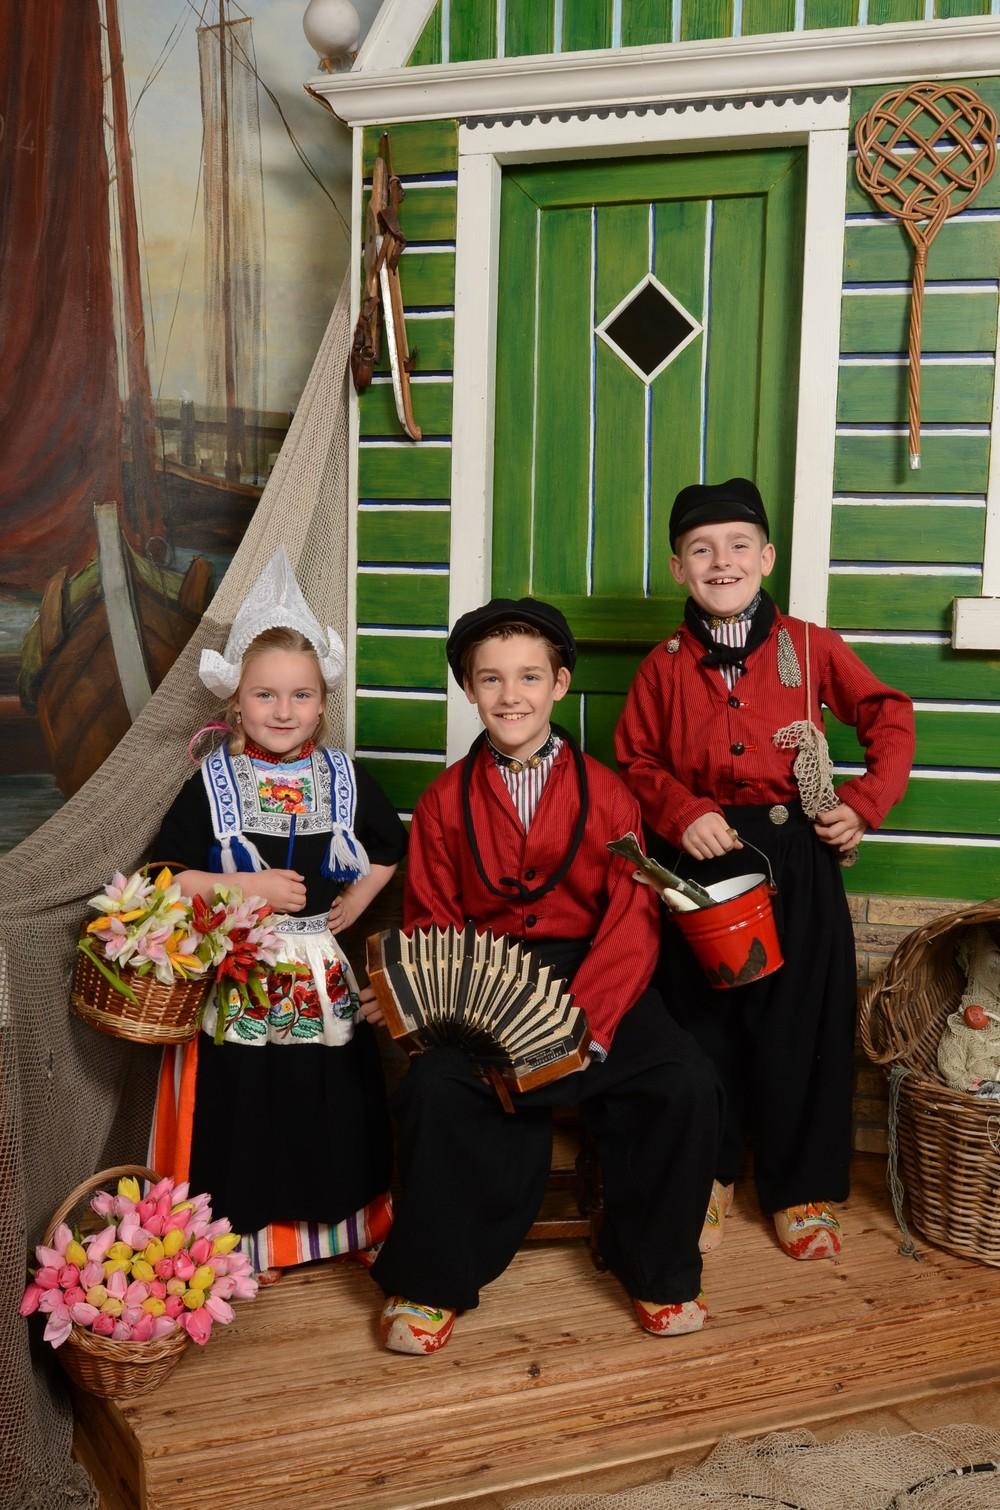 Kinderen in Volendamse klederdracht